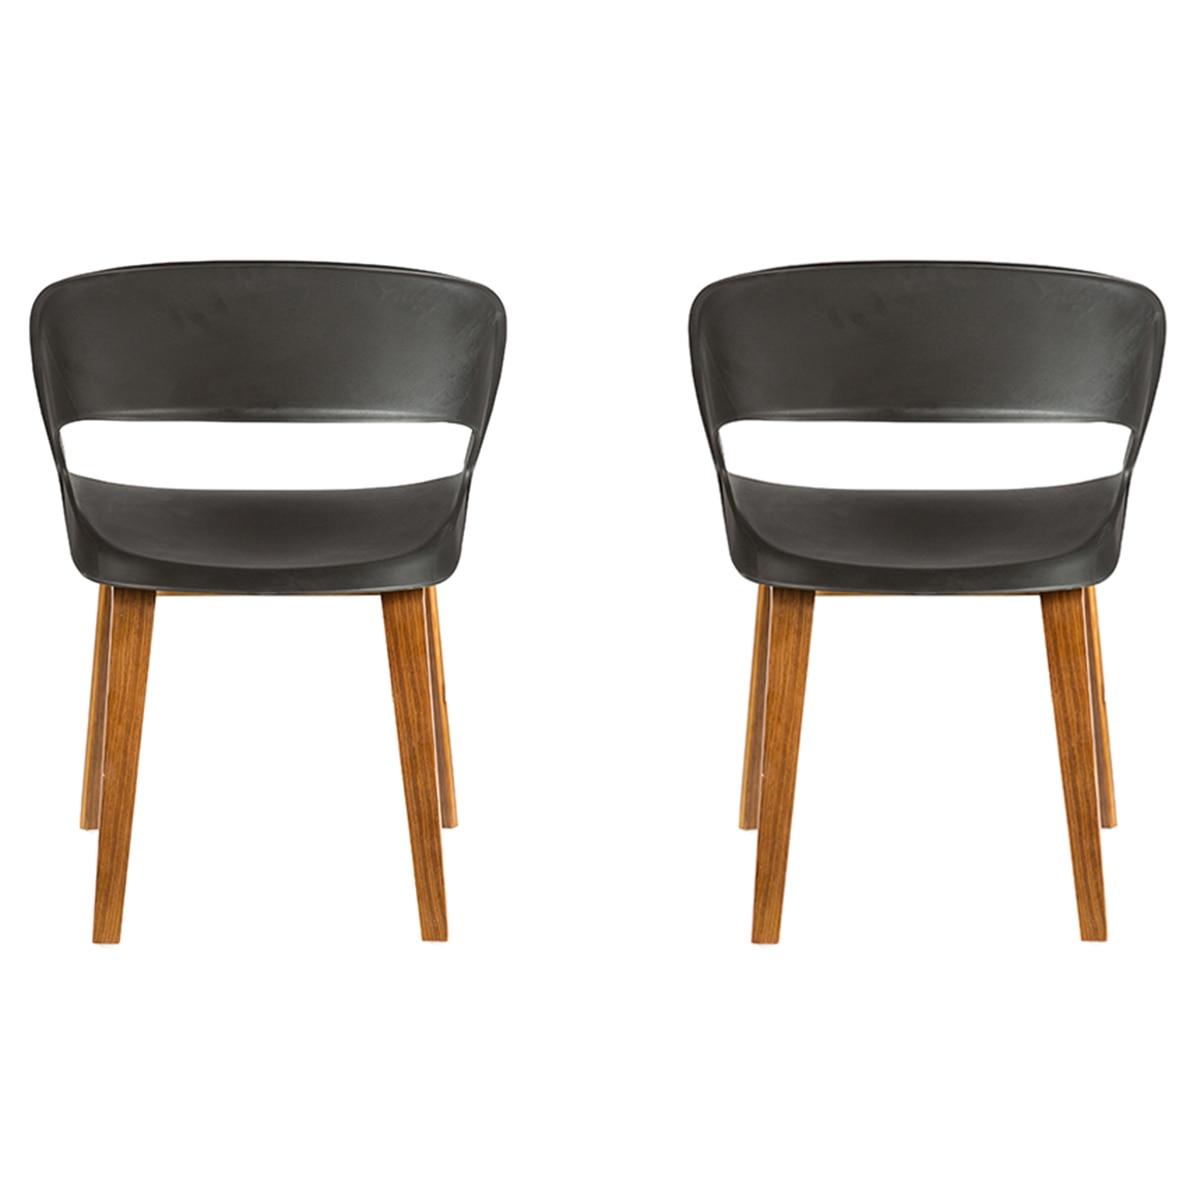 Homemania Demetra Nappali szék szett, 2 darab, polipropilén váz, fa lábak, Sötétbarna